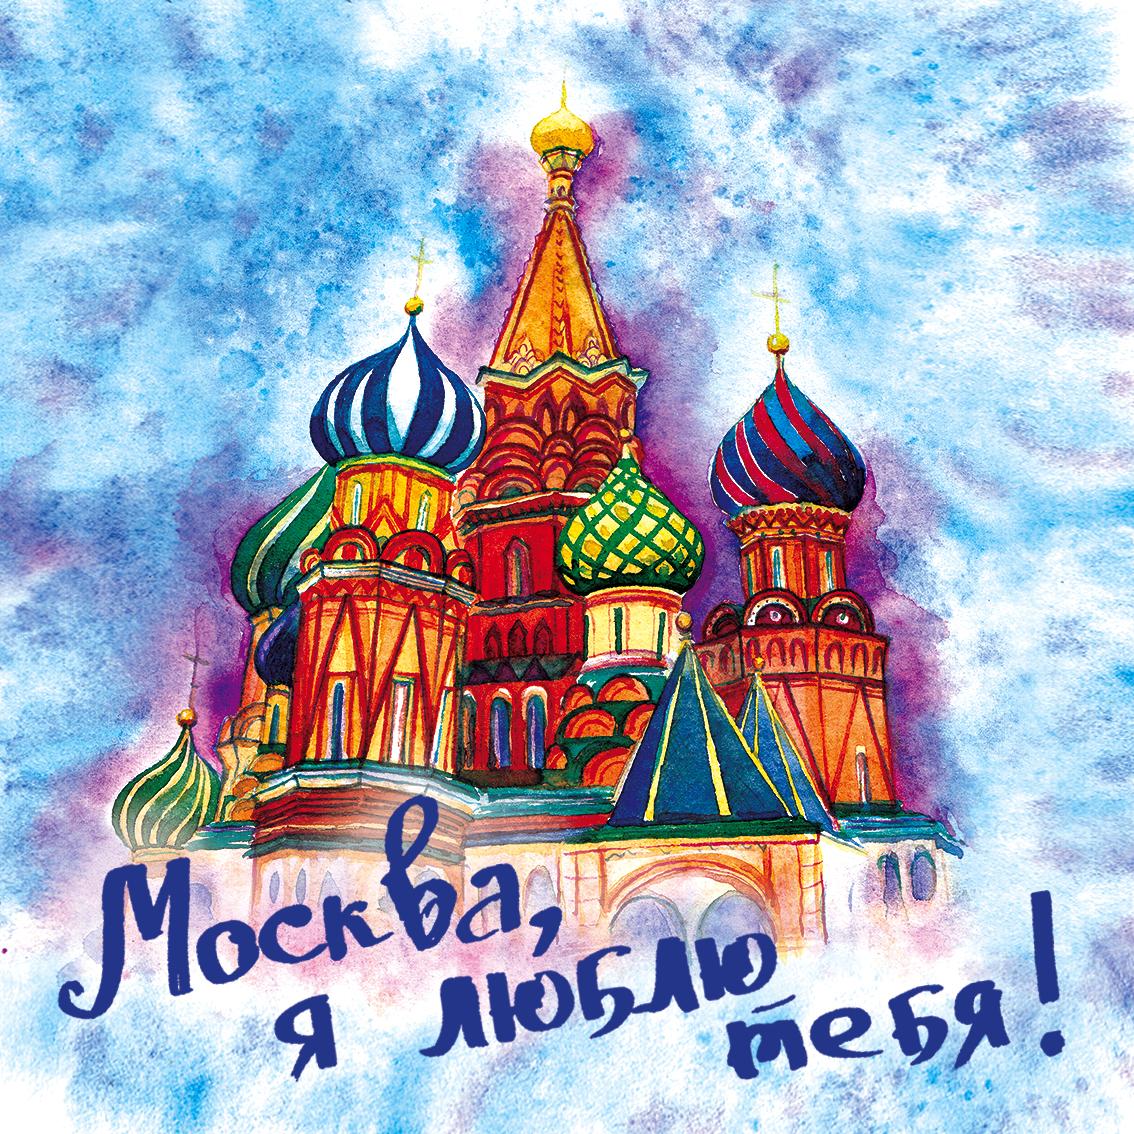 Москва, я люблю тебя! делай ежедневник творческого человека новое оф